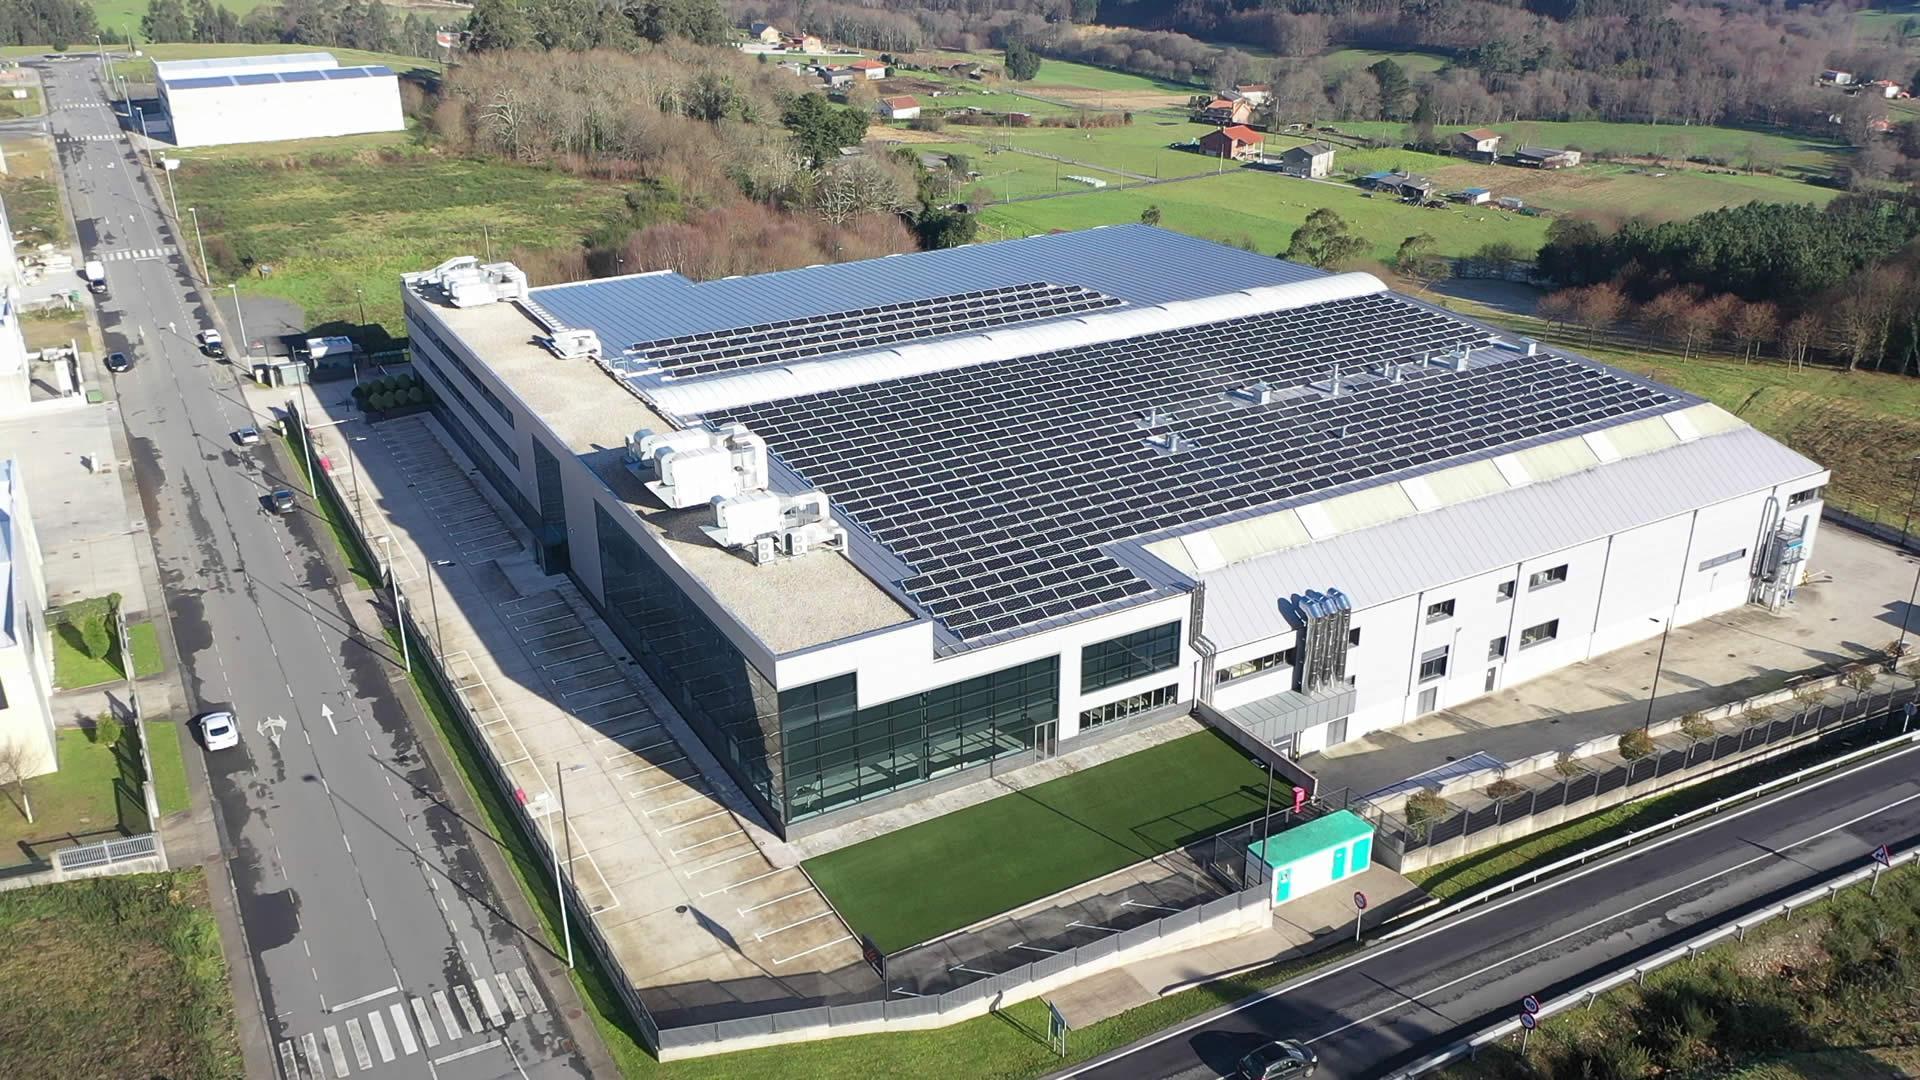 Instalación de autoconsumo industrial en Carpintería Ramón García, A Coruña - EDF SOLAR